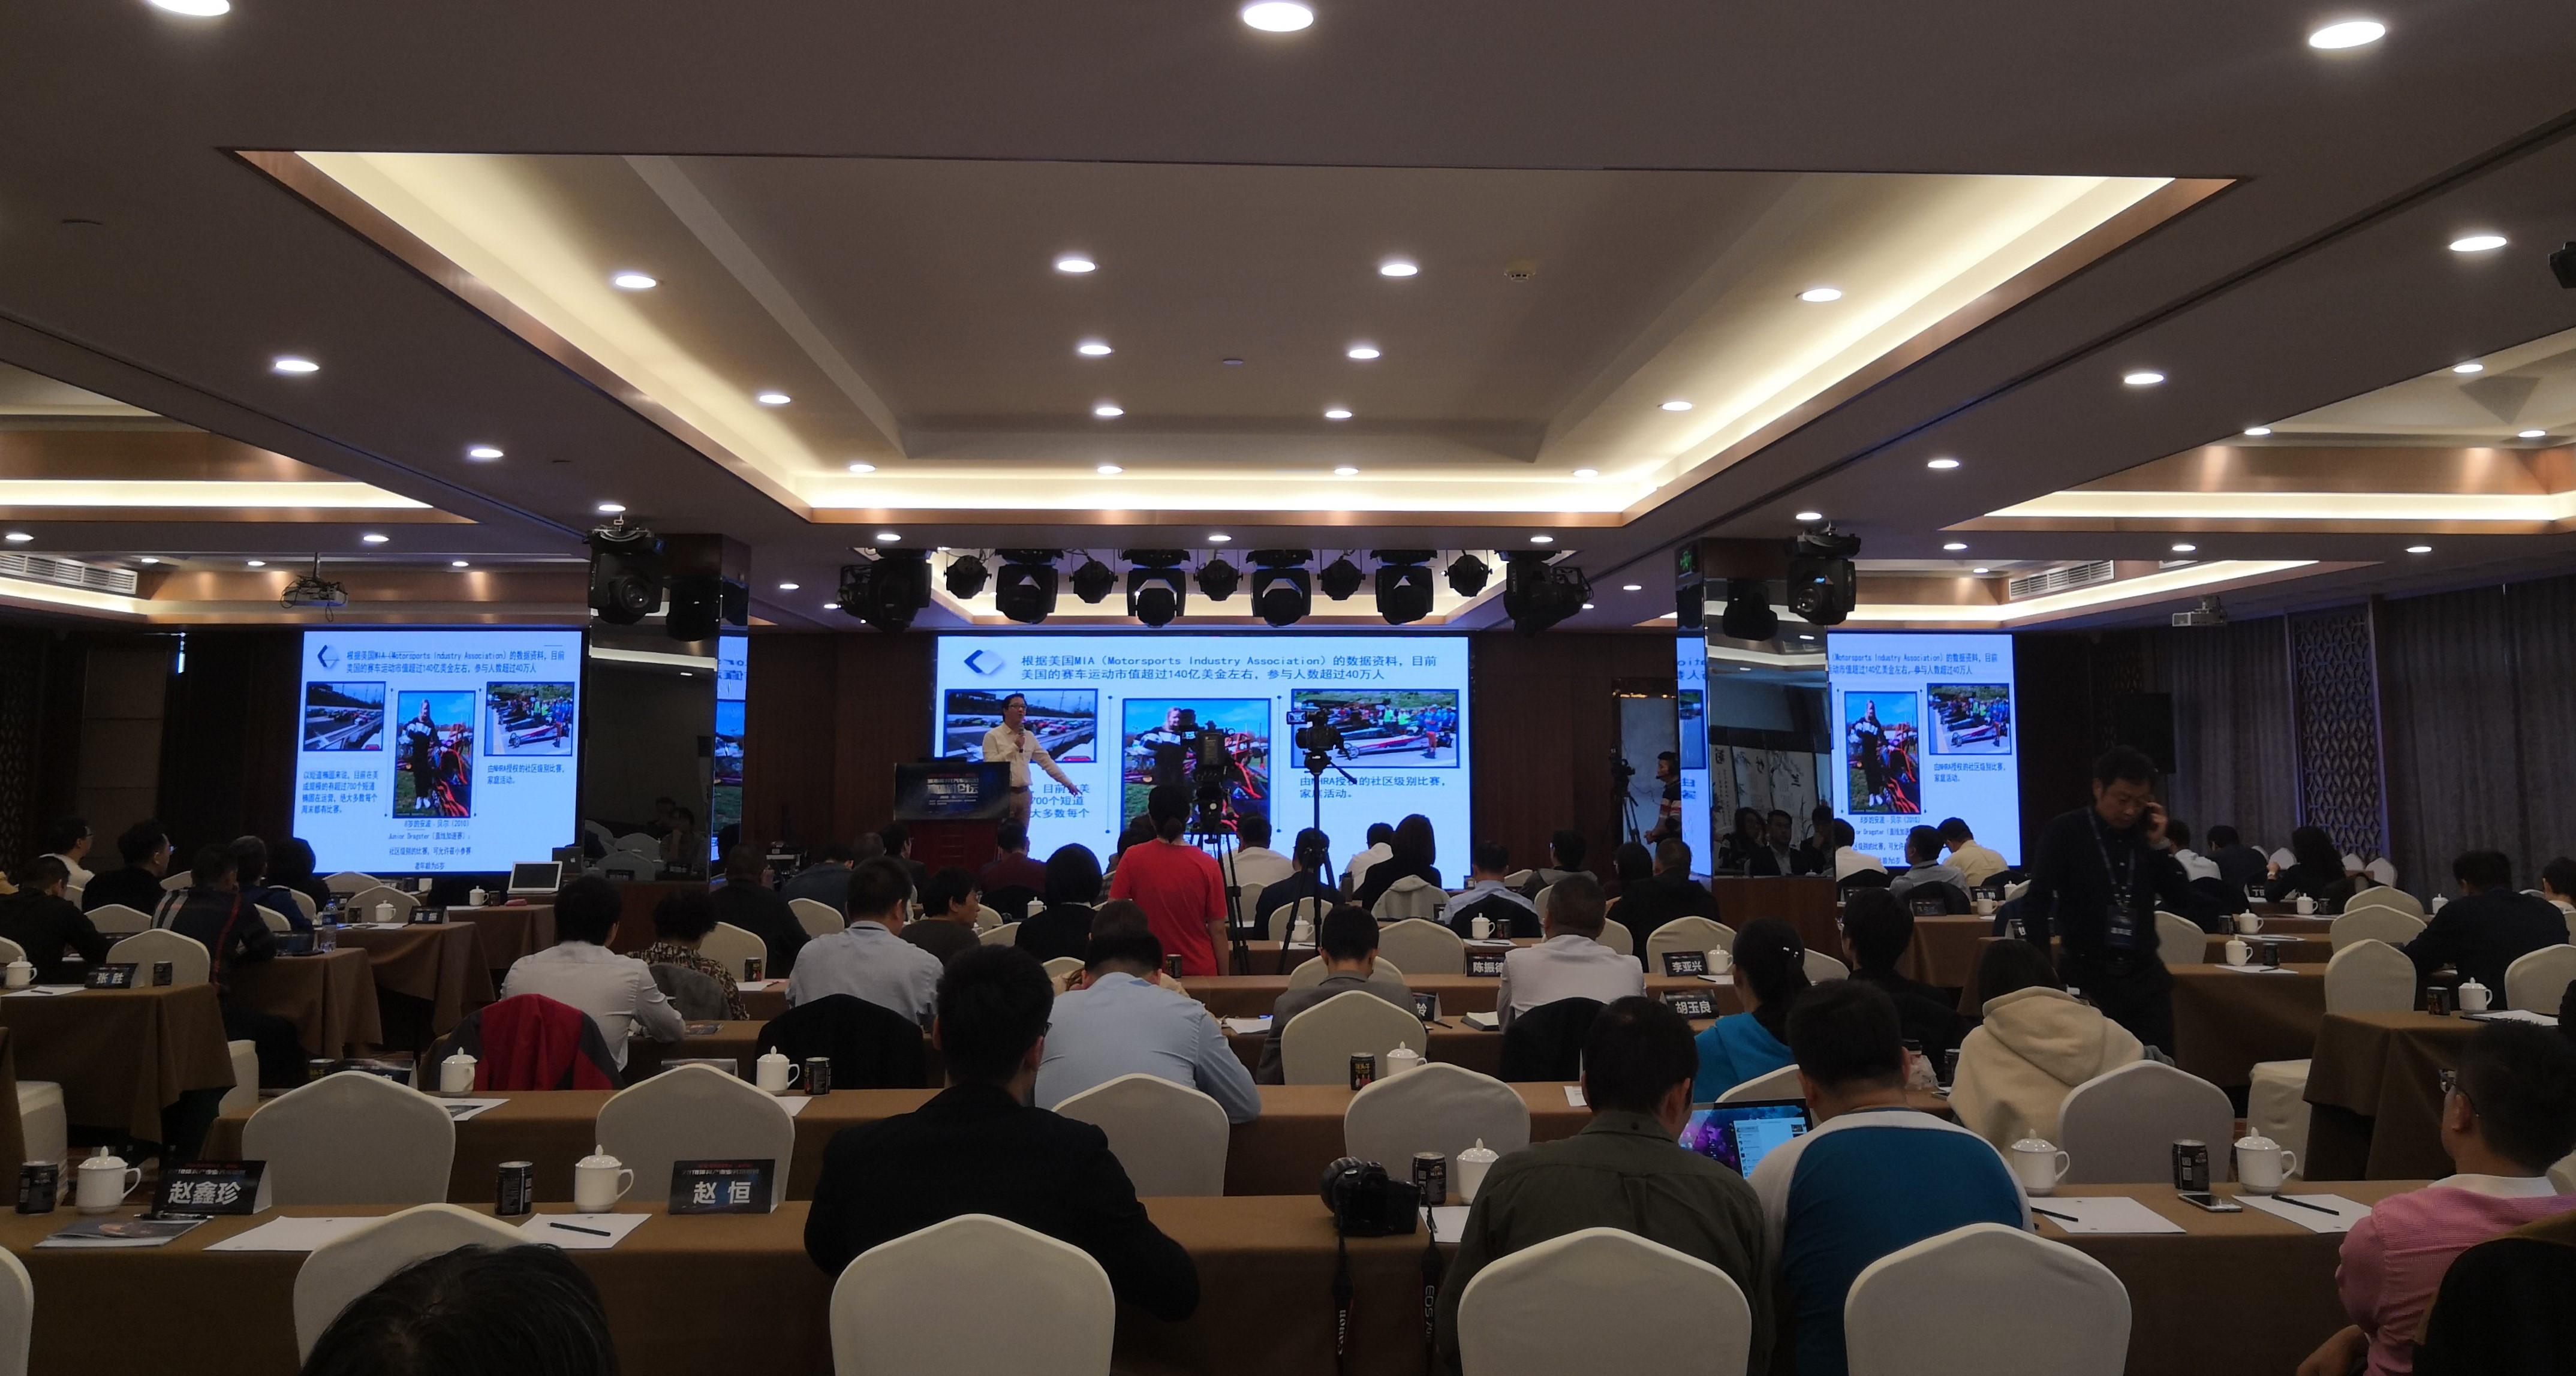 共论城市与体育融合发展之道2018城市体育(汽车运动)论坛在金华